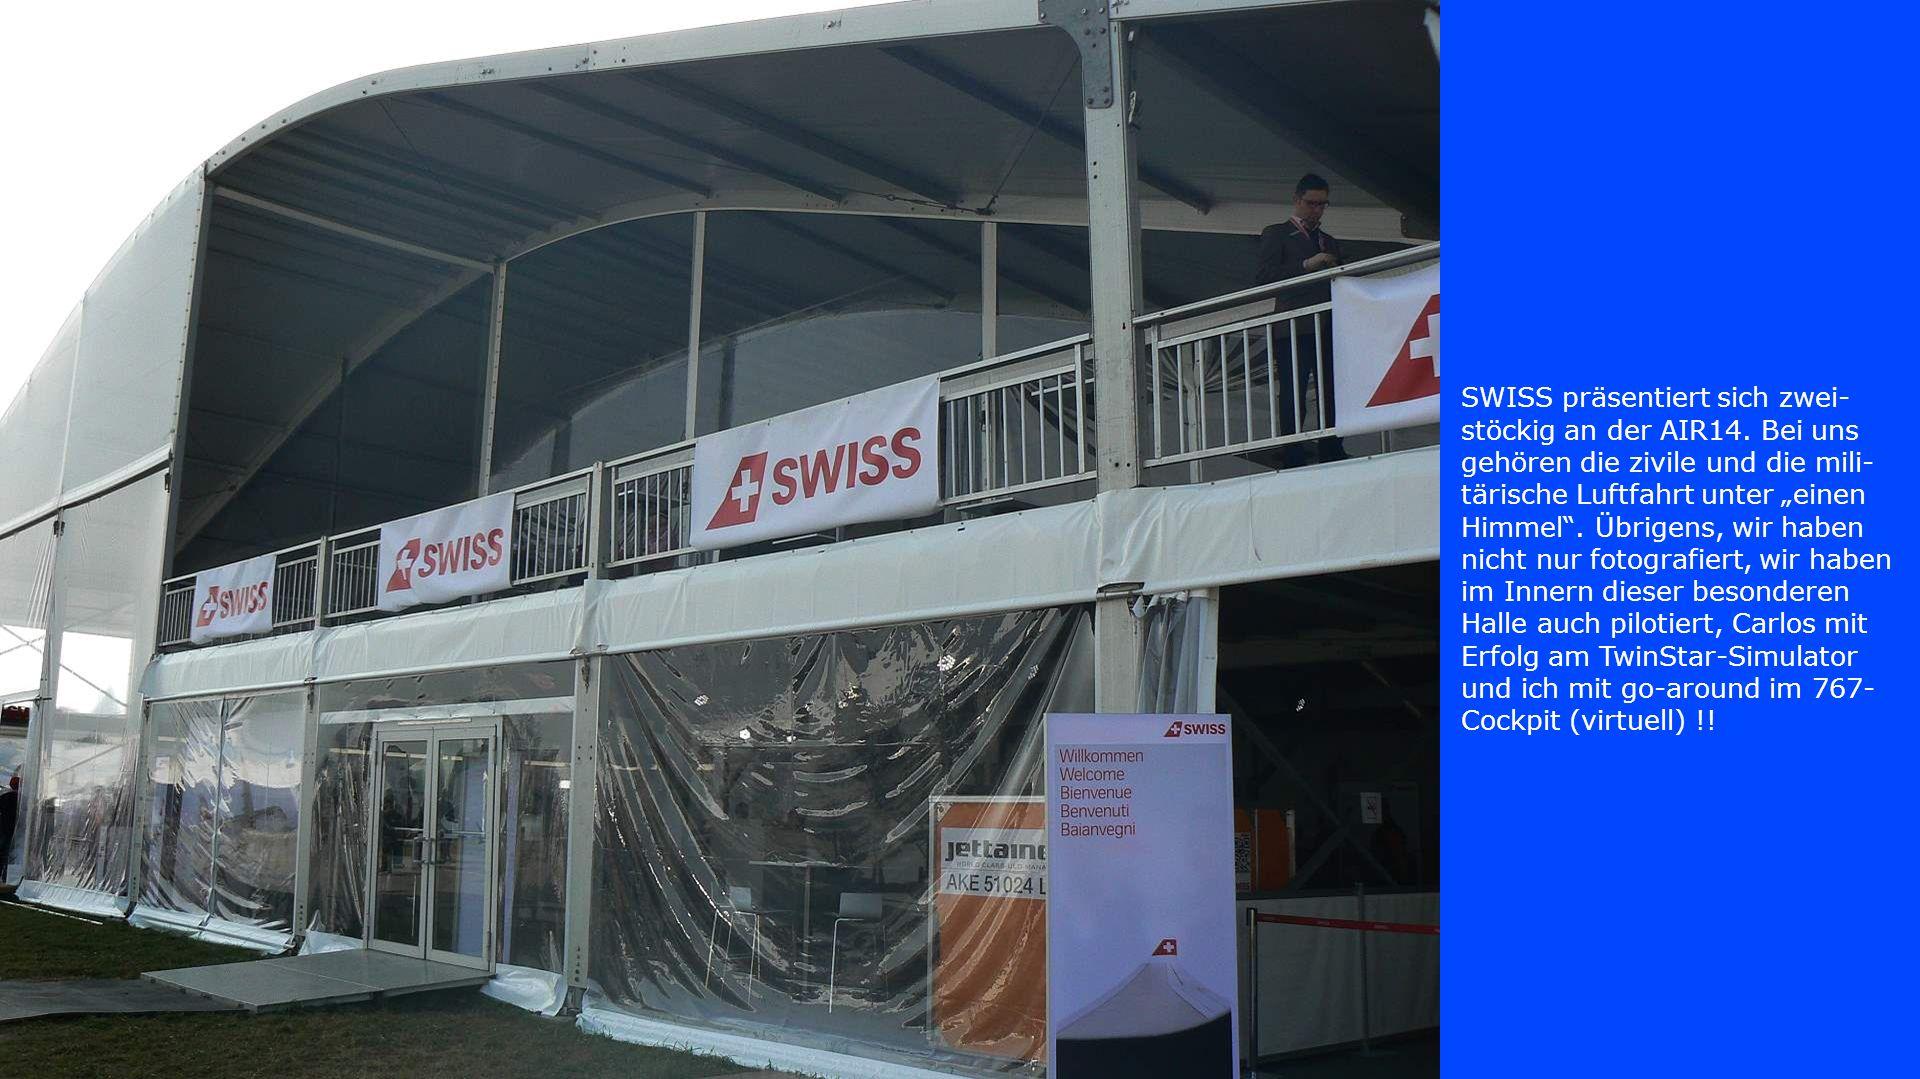 SWISS präsentiert sich zwei- stöckig an der AIR14.